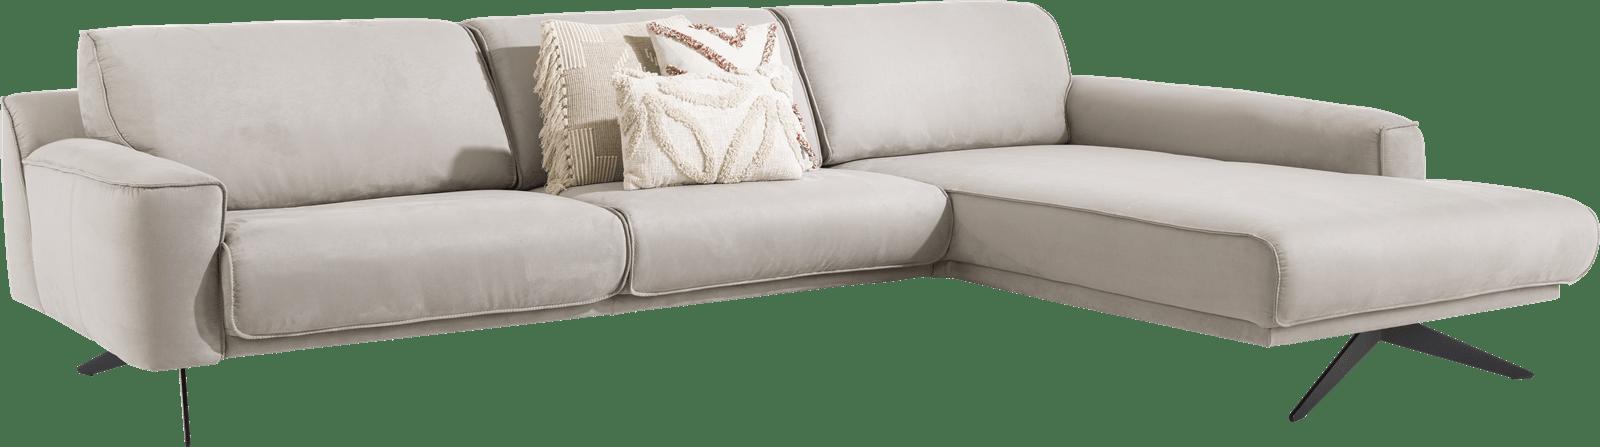 XOOON - Zilvano - Toutes les canapés - 3-places accoudoir gauche